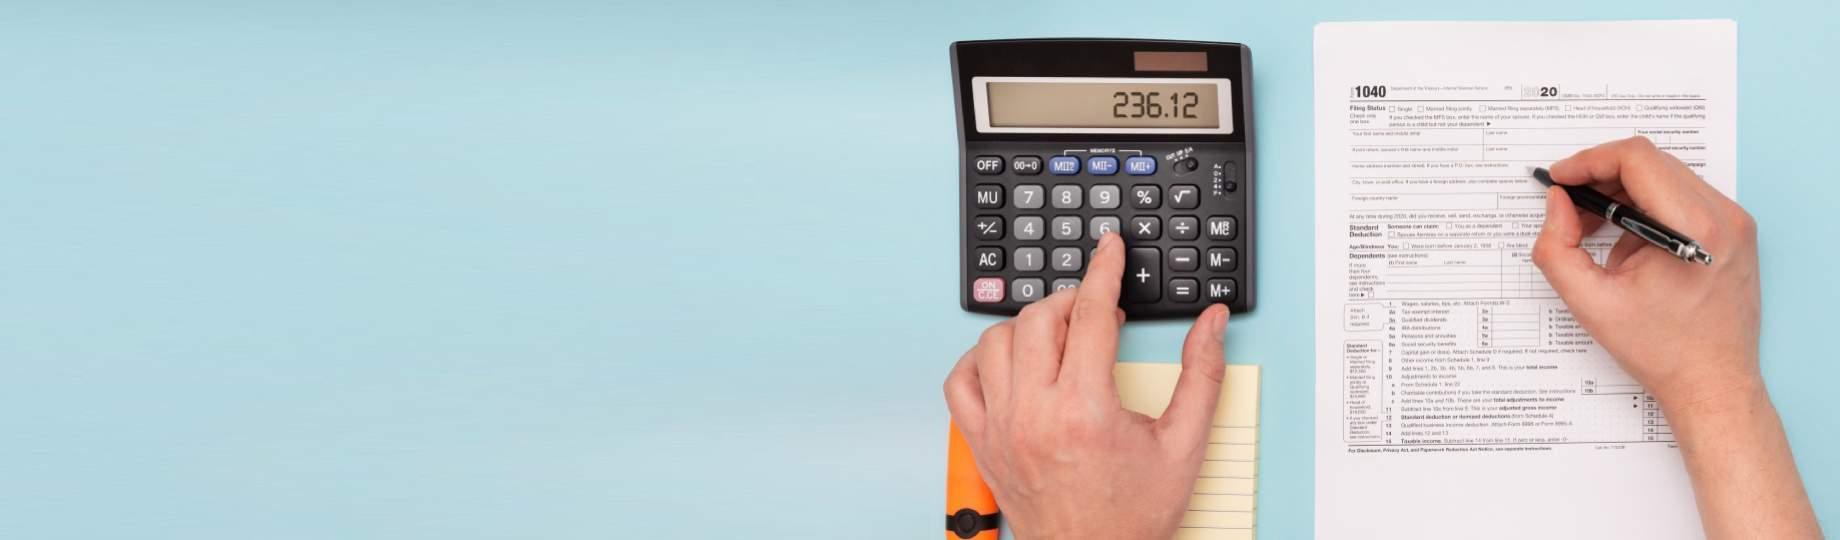 Comment se calcule l'impôt sur la plus-value sur la vente d'un bien immobilier ?